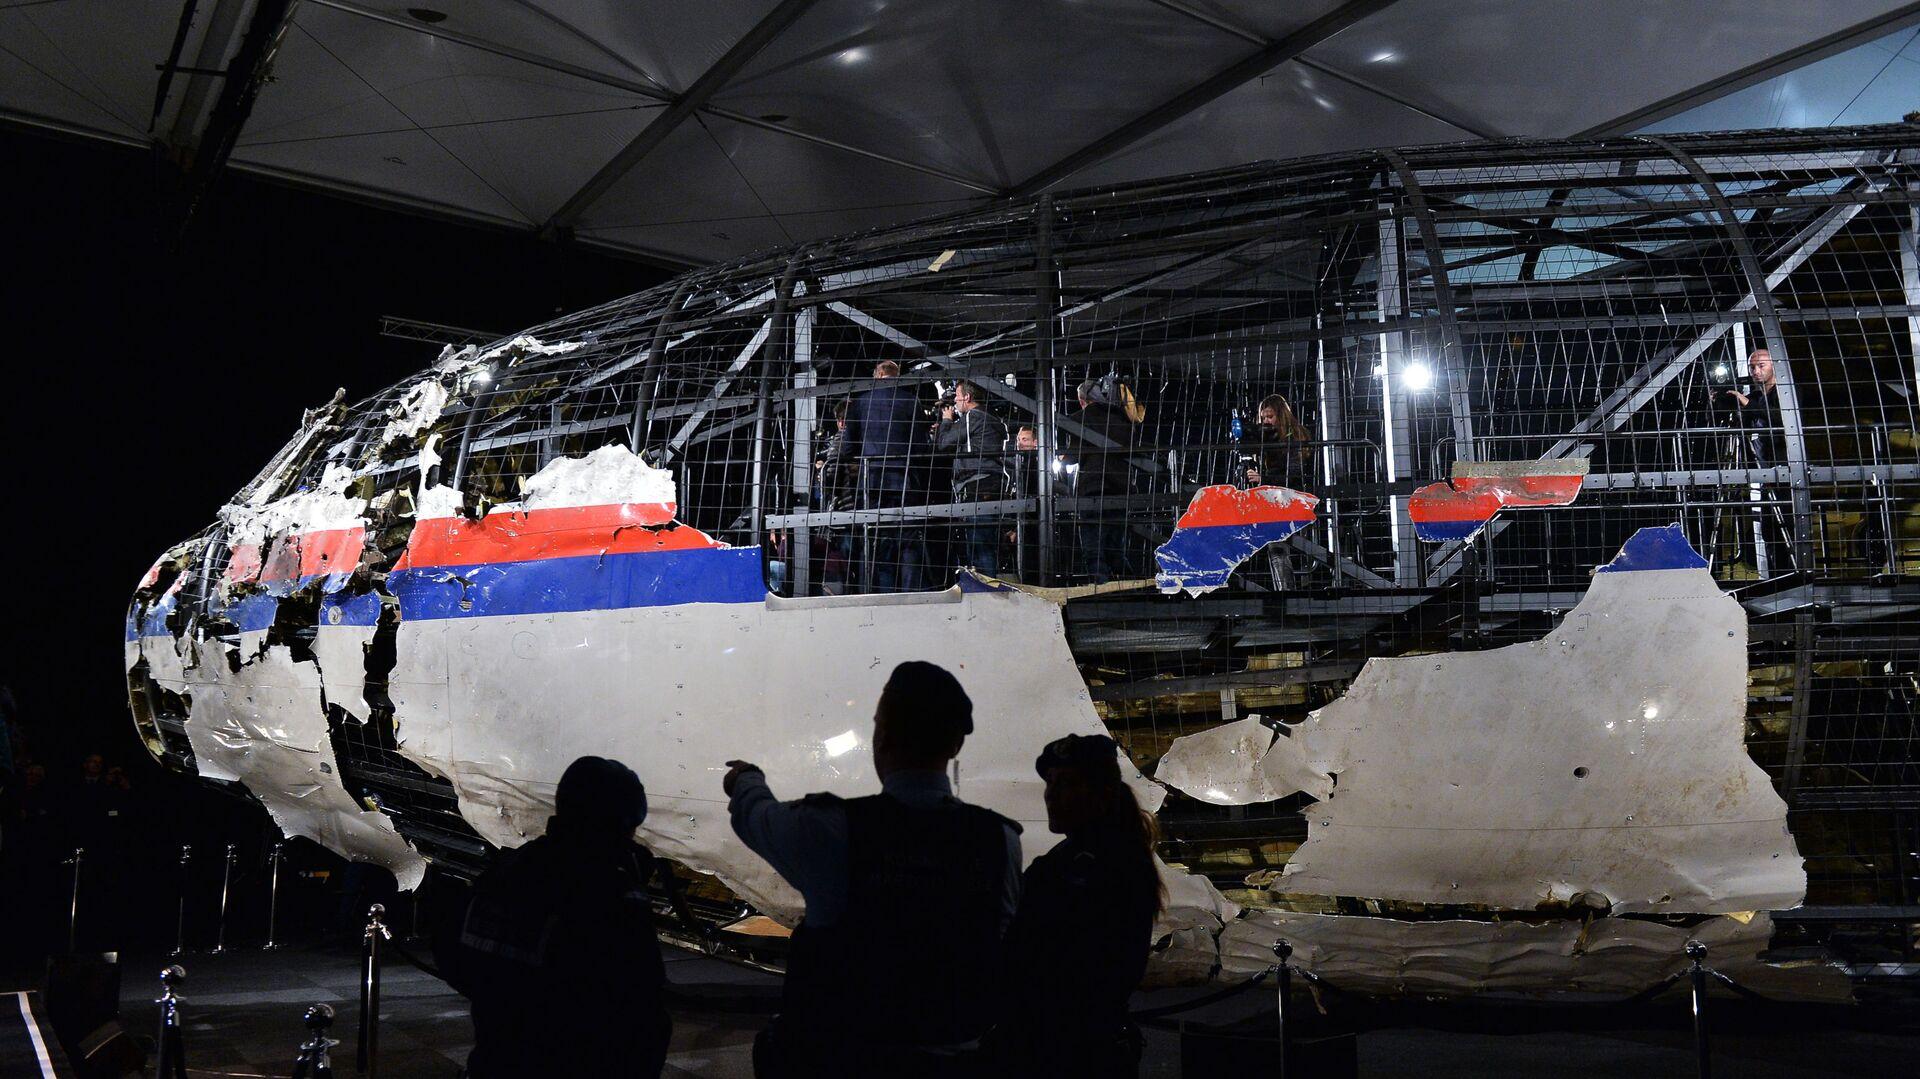 Доклад Совета безопасности Нидерландов по причинам крушения Boeing 777 - Sputnik Узбекистан, 1920, 28.07.2021